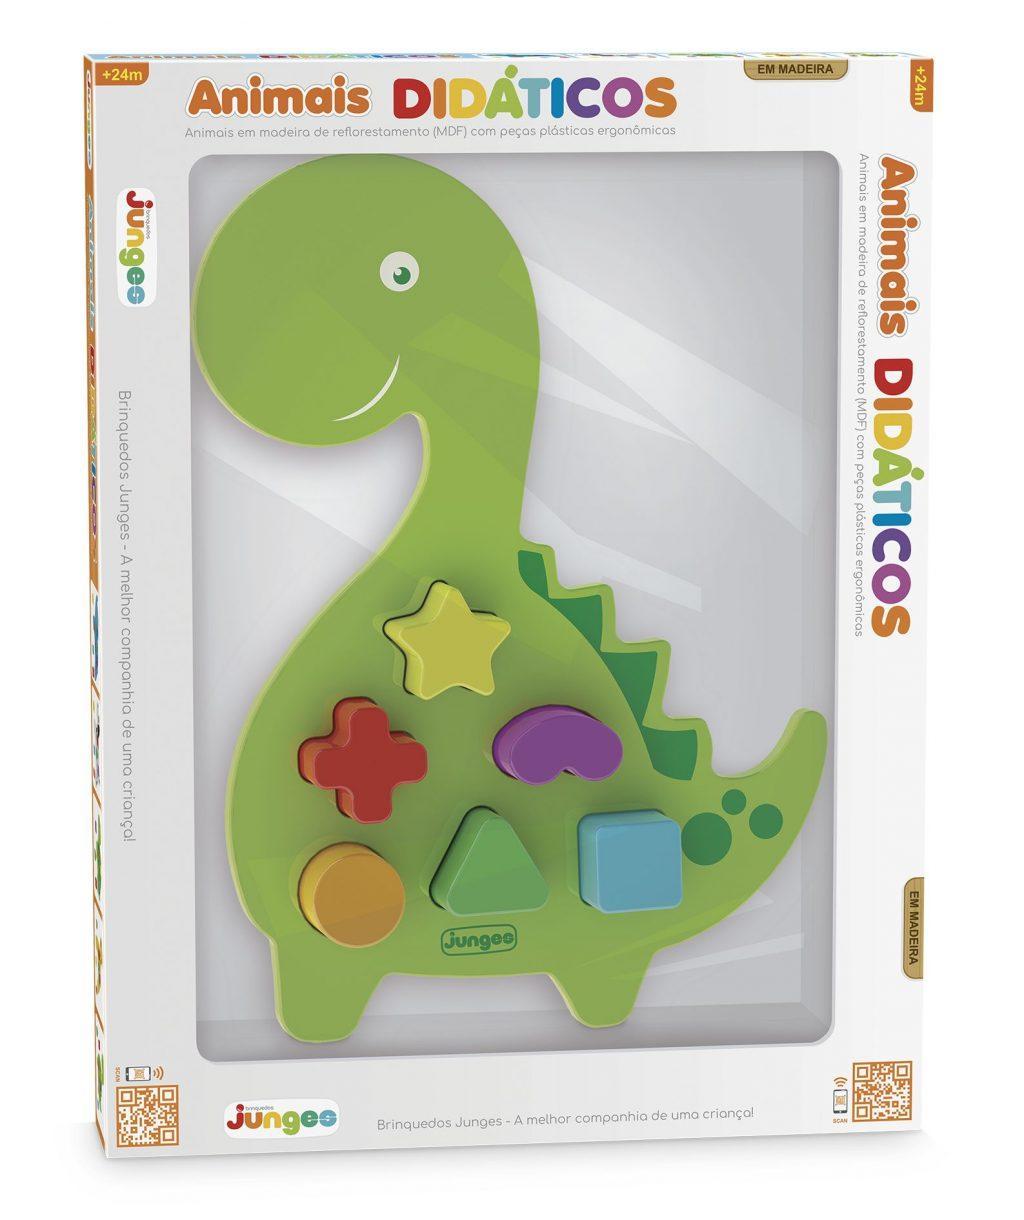 Dinossauro didático em madeira com peças plásticas